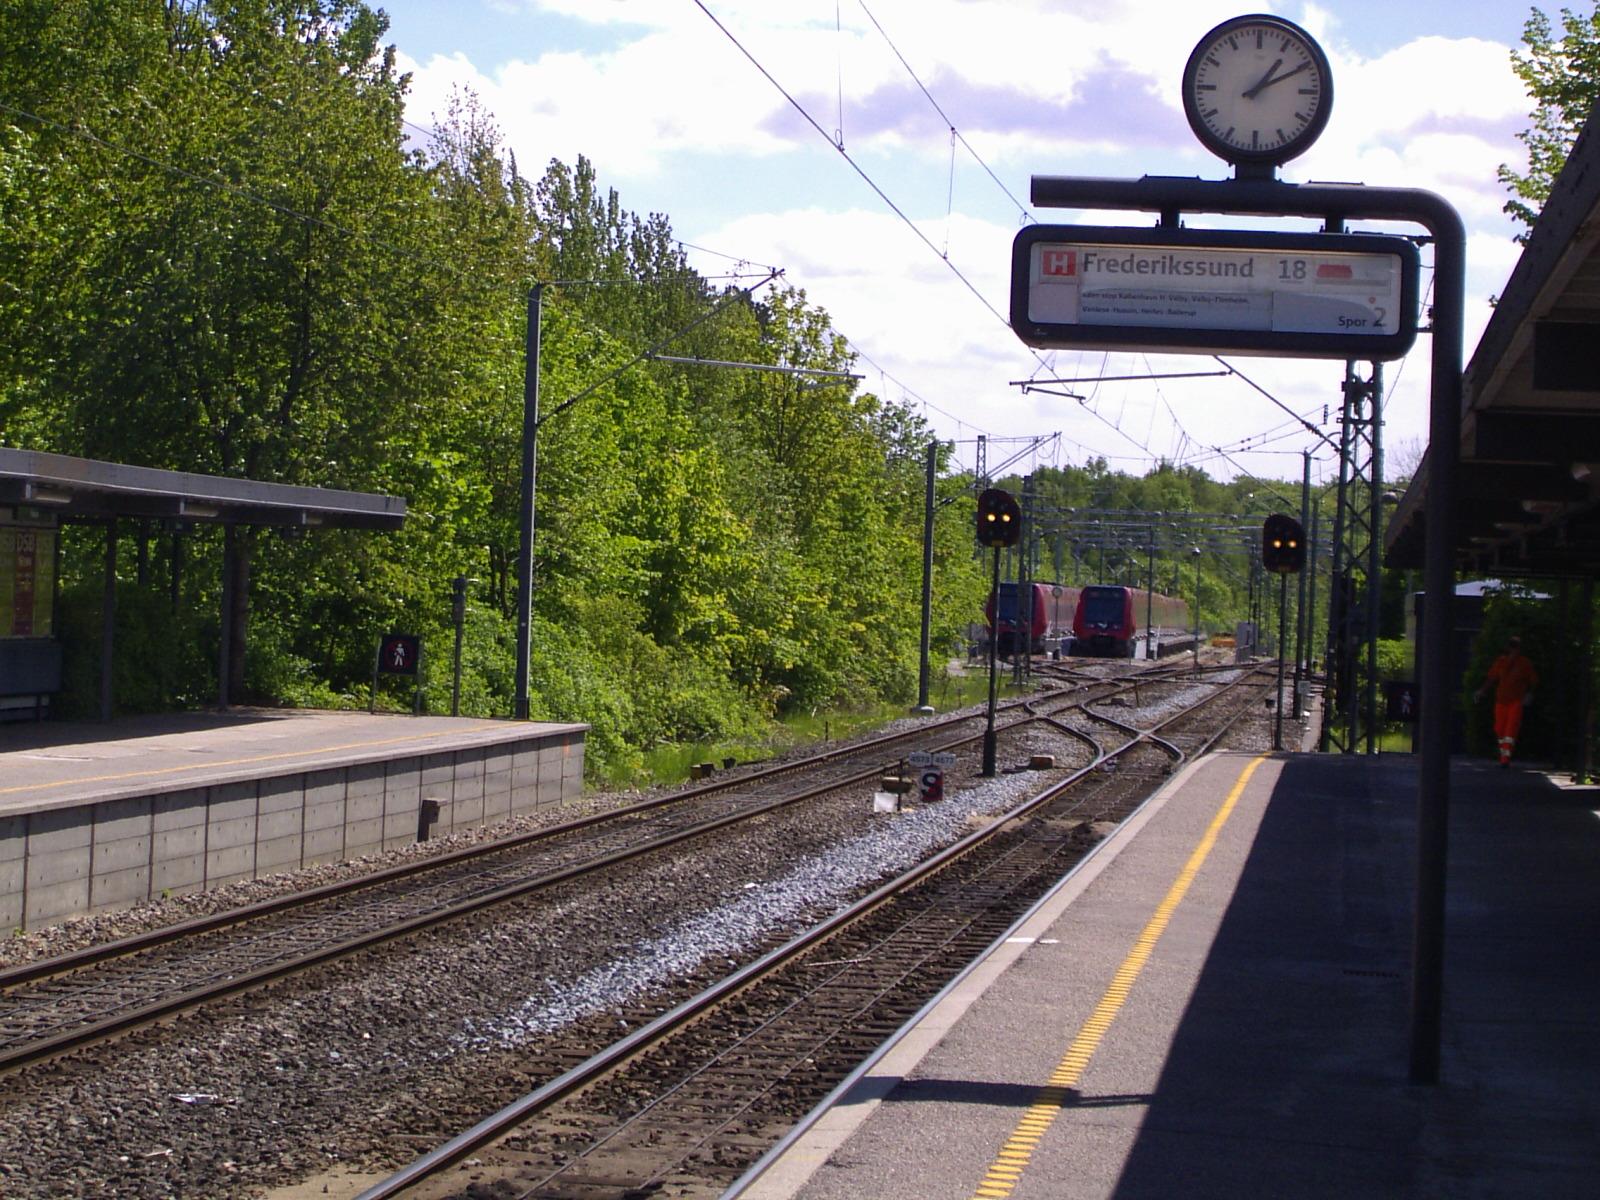 Fil:Farum Stations parkeringsområde for S-tog.jpg - Wikipedia, den frie encyklopædi